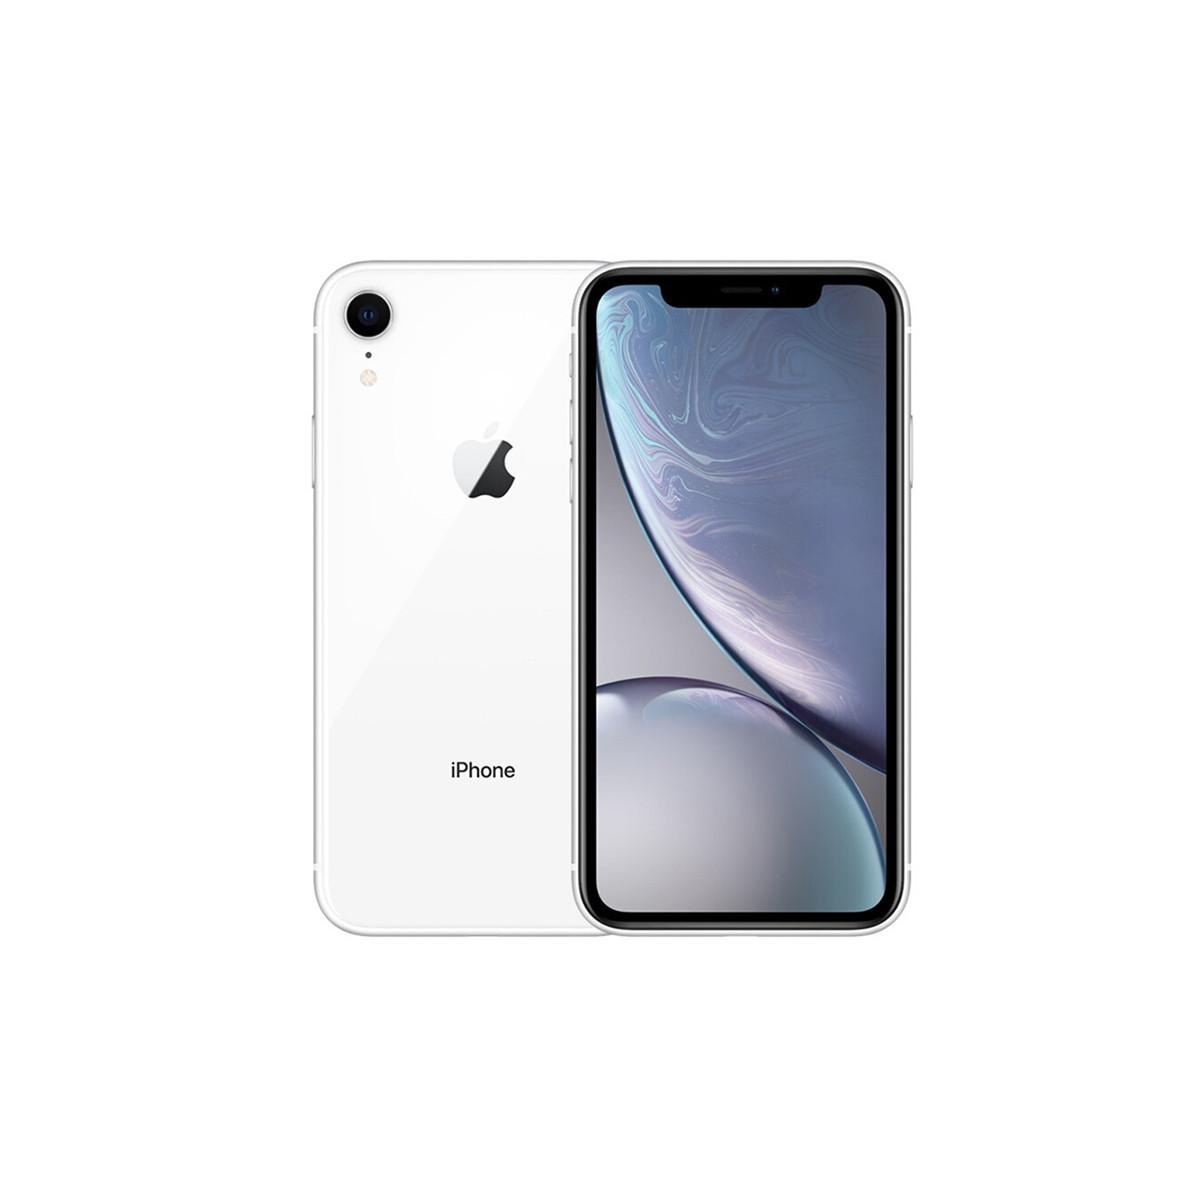 苹果iPhone XR【壳膜+懒人支架指环扣套餐】全网通 4G手机DFXYD-iPhone XR白色